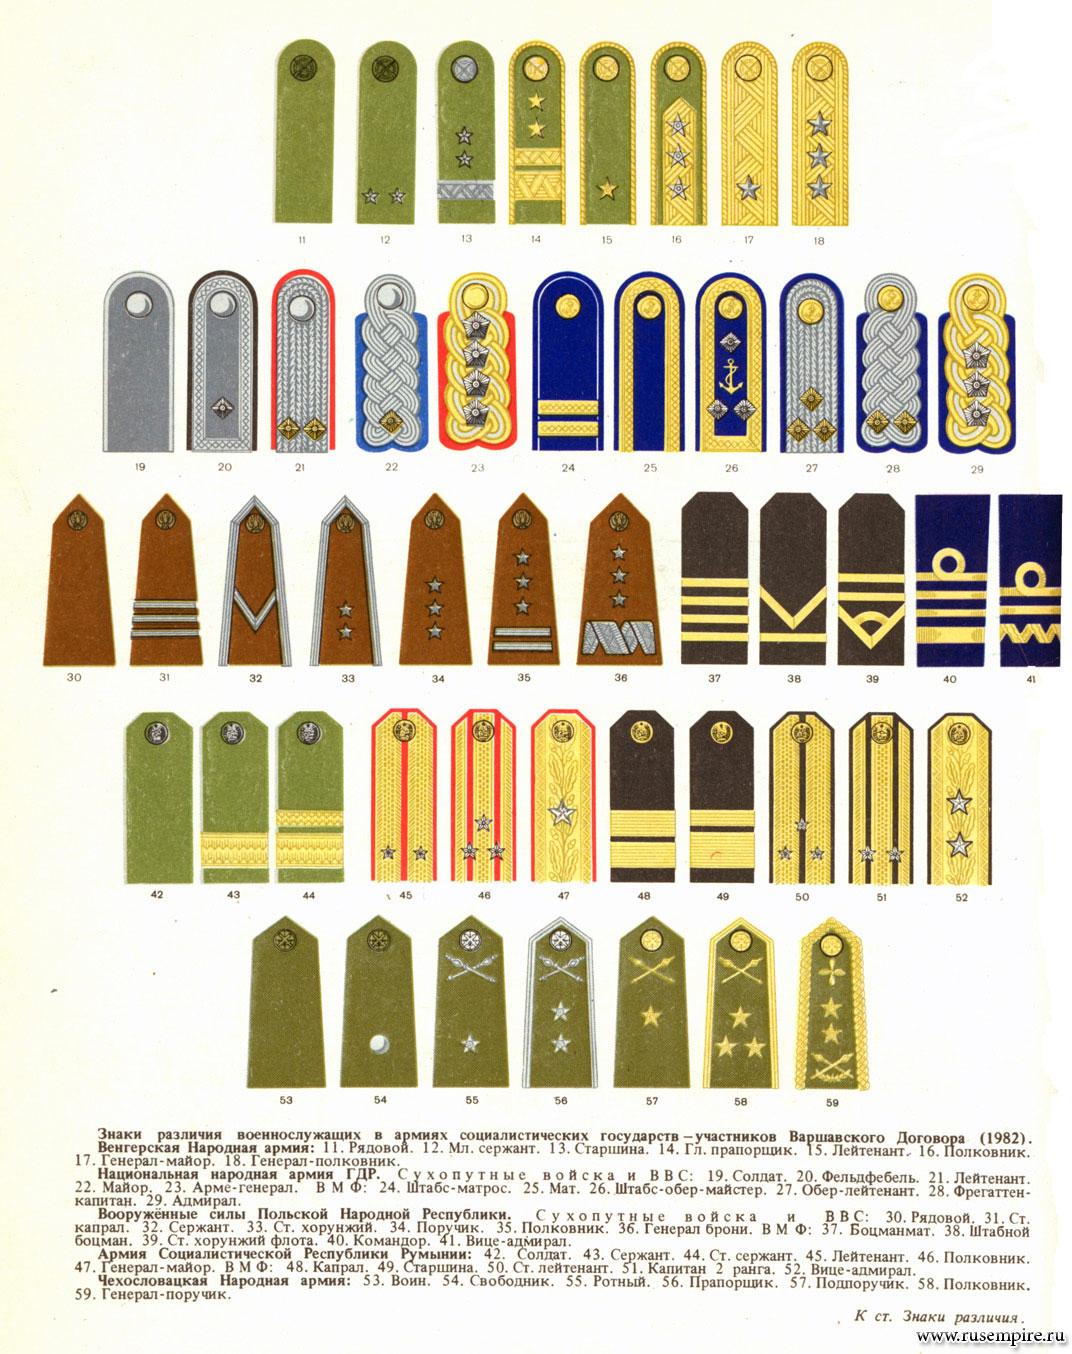 Форма одежды и знаки различия